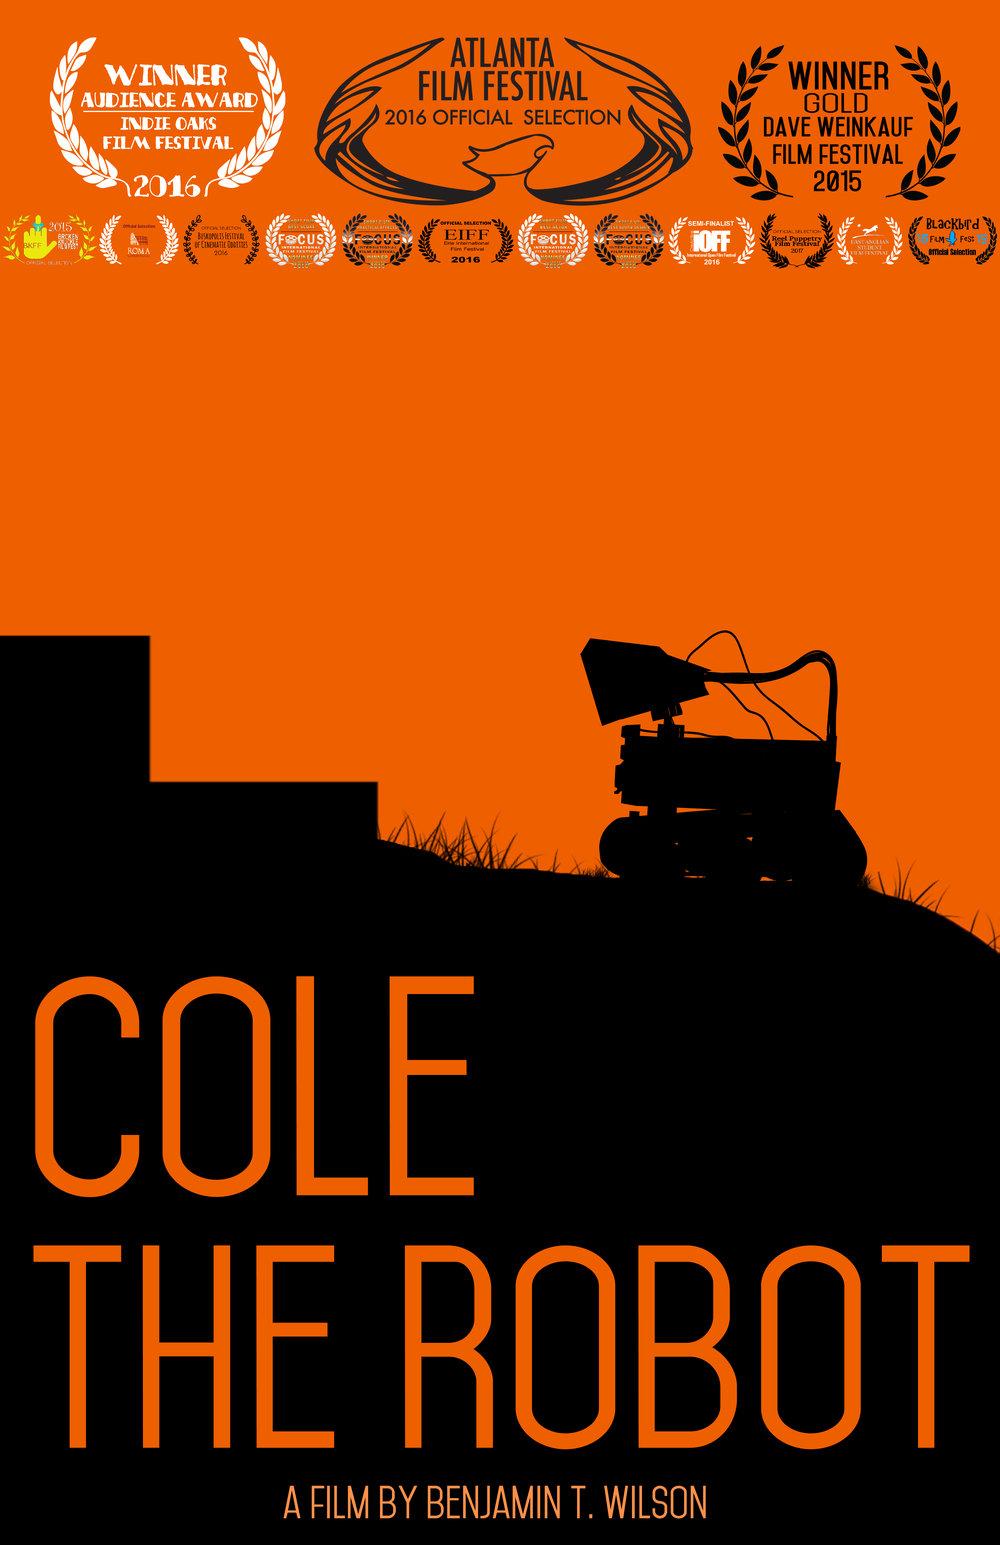 ColePoster_004.jpg